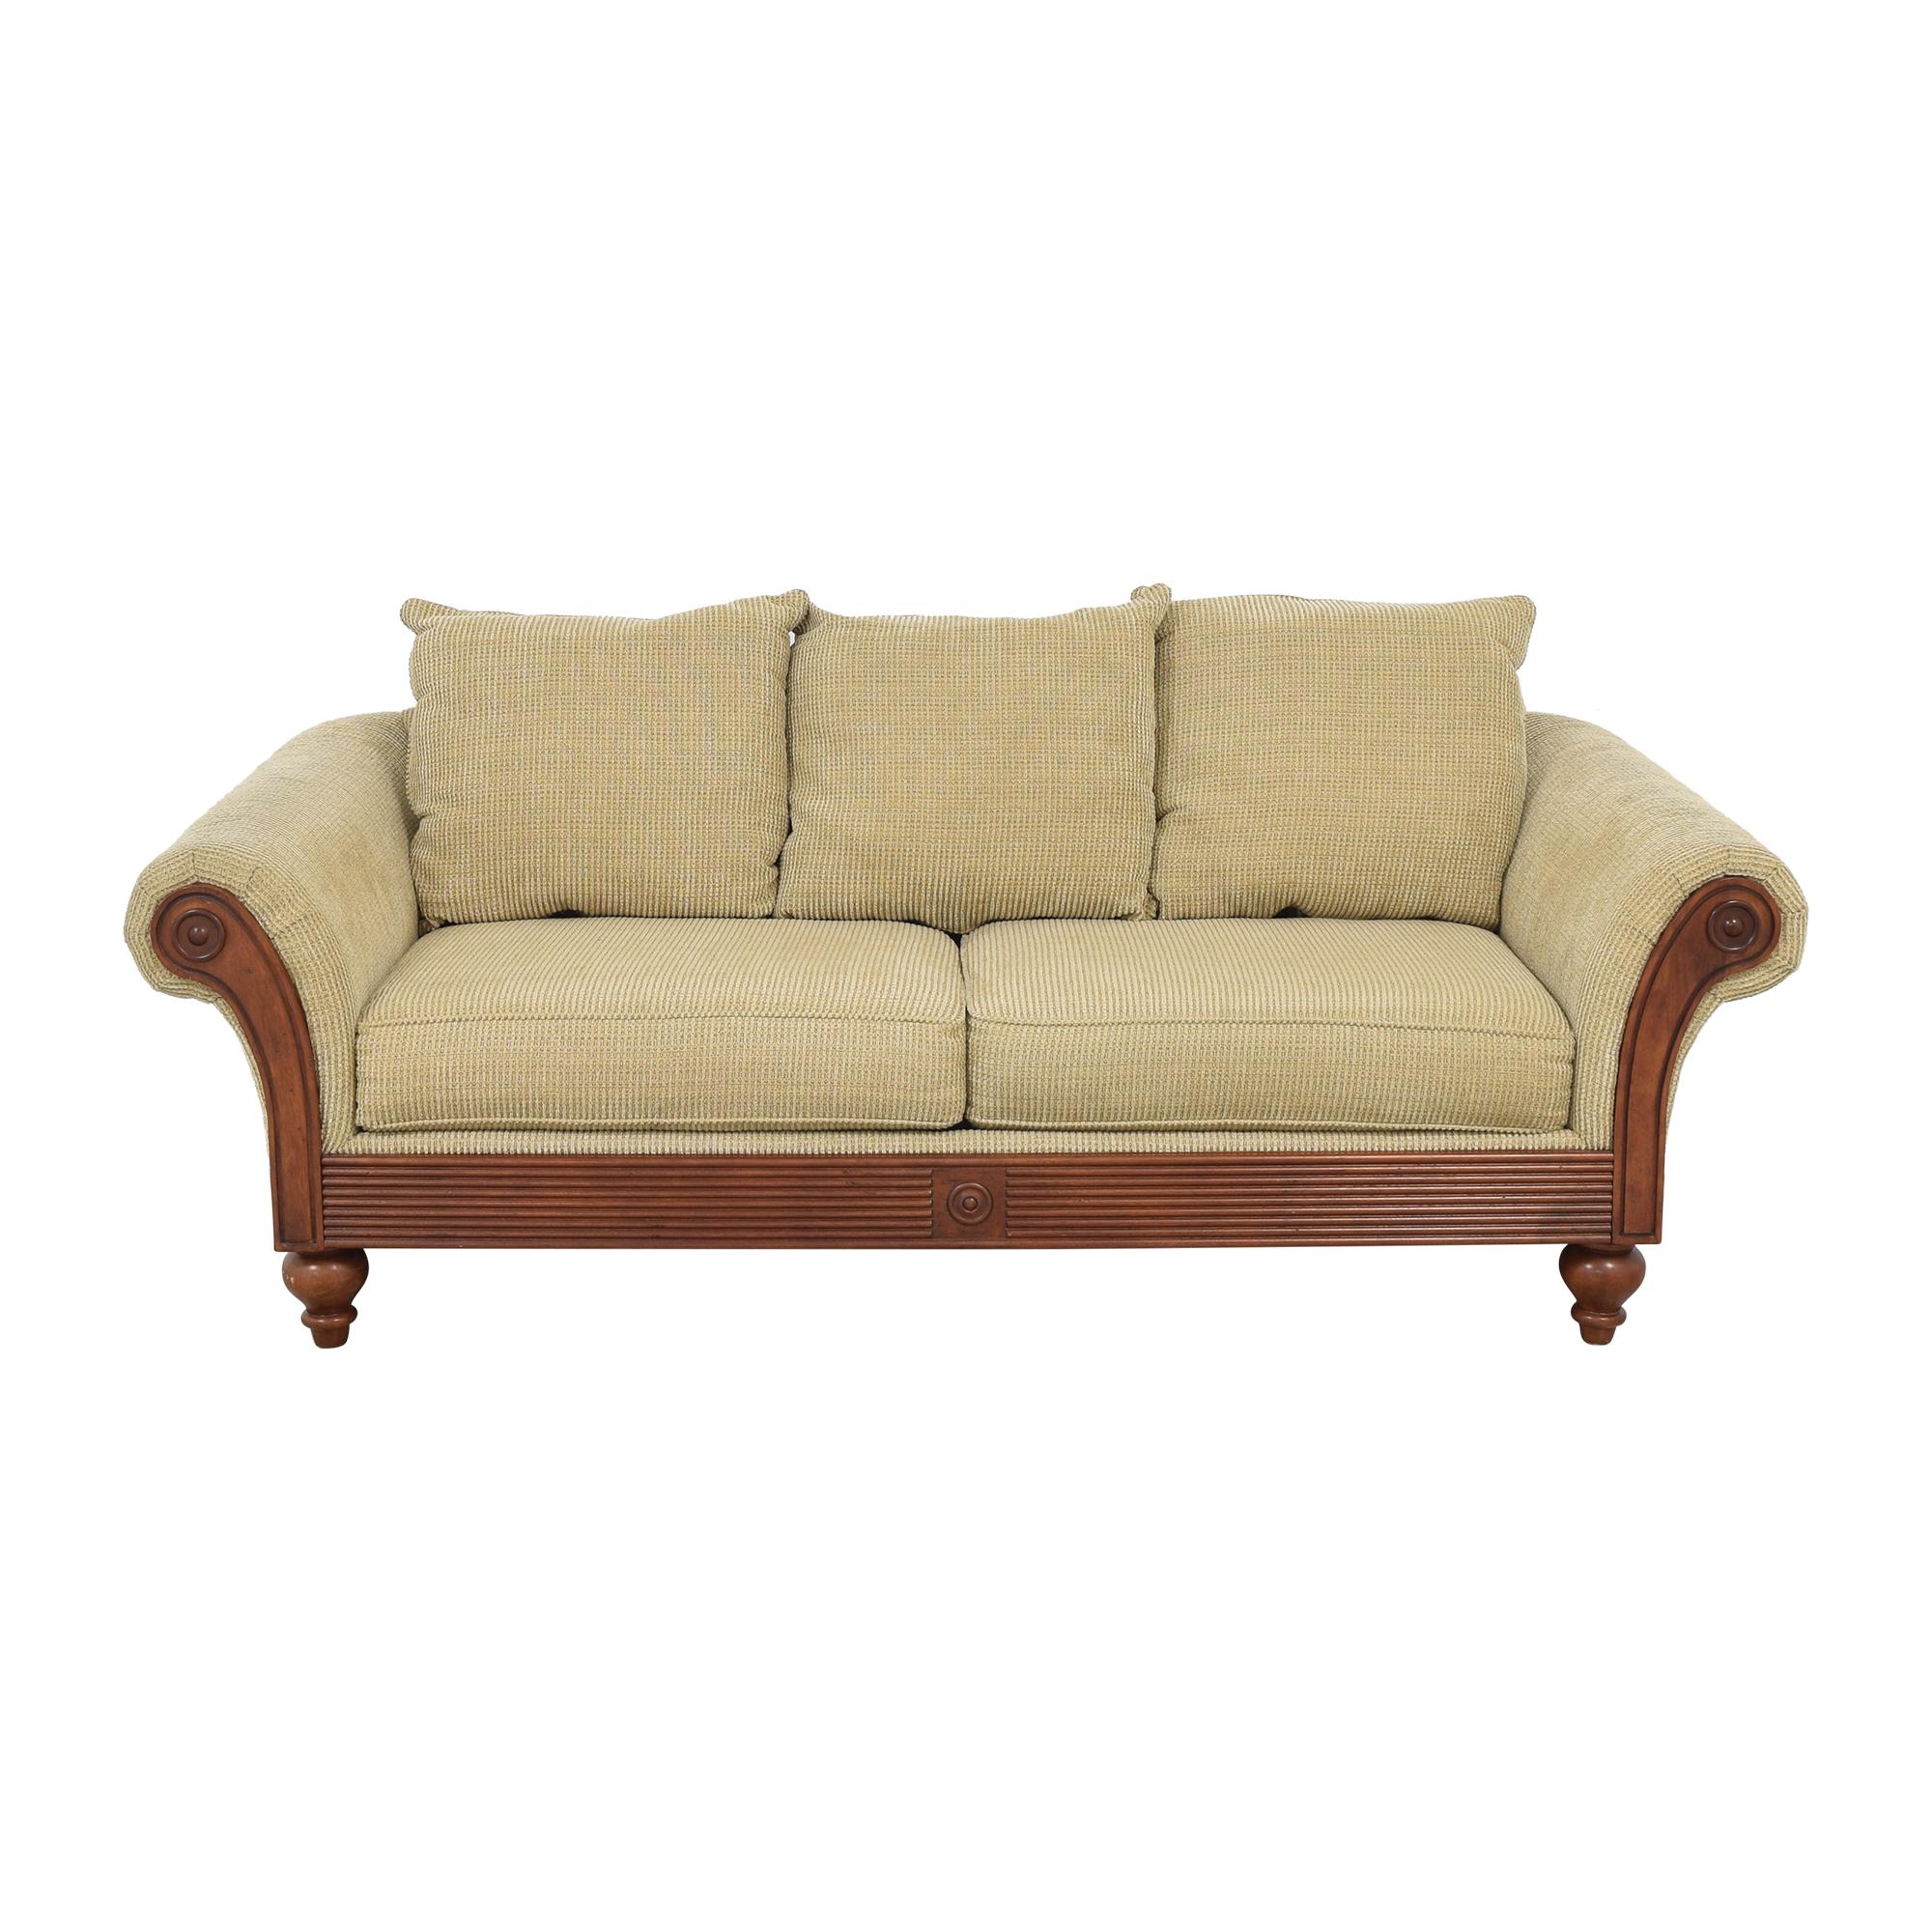 Klaussner Klaussner Two Cushion Sofa nyc